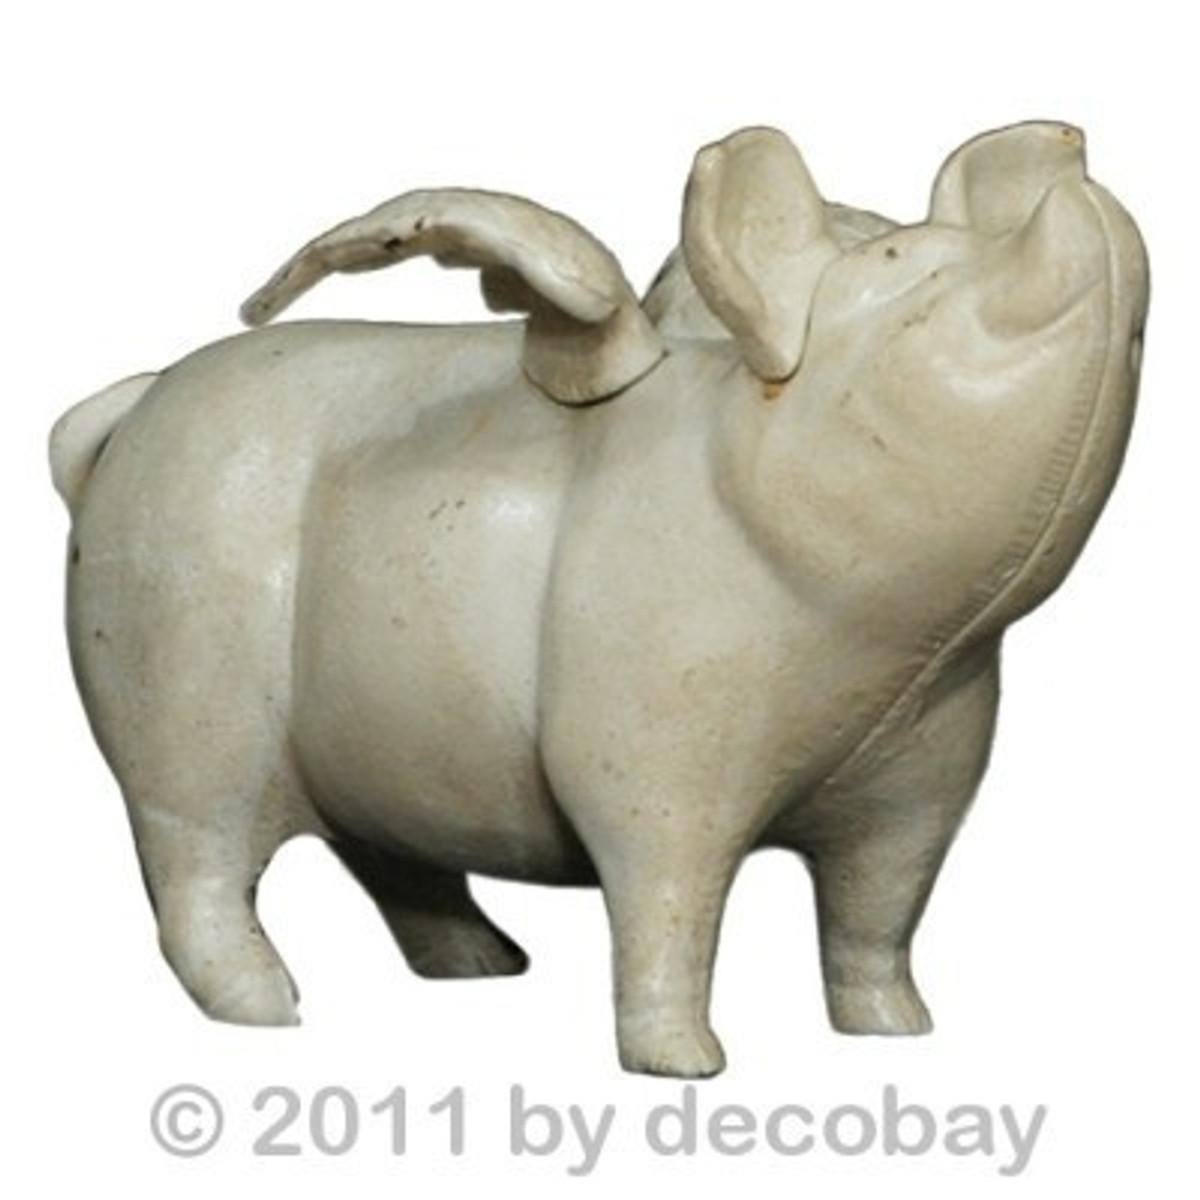 Tierfigur Sparschwein Gusseisen mit Flügeln als knuffiger Glücksbringer für Kinder.